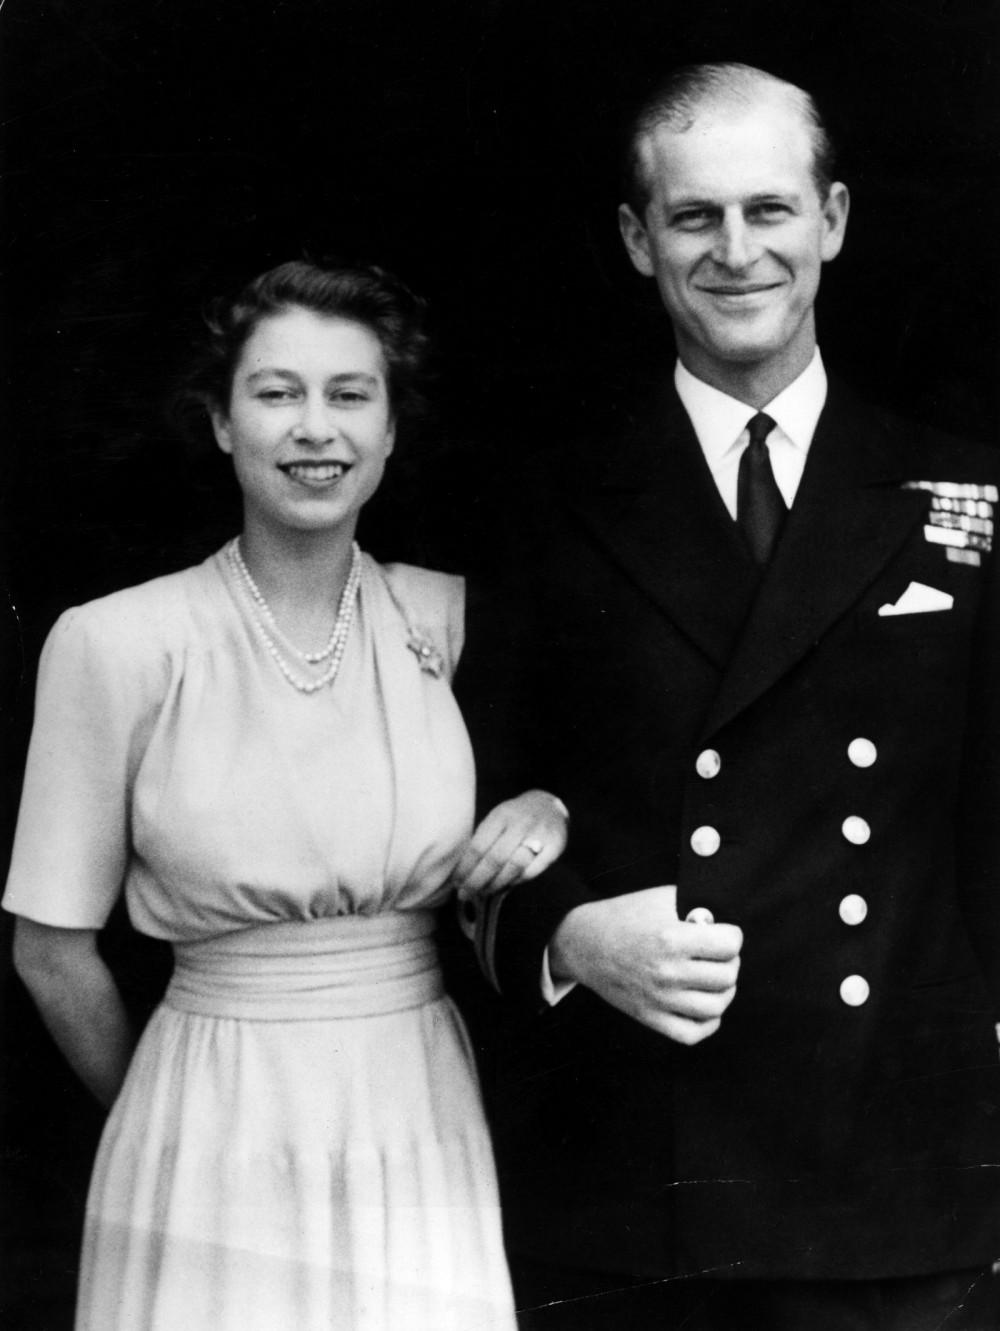 Cặp đôi gặp nhau lần đầu tiên tại trường Cao đẳng Hải quân Hoàng gia Britannia vào năm 1938, nơi một Thiếu sinh quân 18 tuổi Philip được giới thiệu với Công chúa Elizabeth 13 tuổi của Anh khi cô đang tham quan khu đất. Từ đó, người ta nói rằng, vị hoàng gia trẻ tuổi 'không bao giờ nghĩ đến bất kỳ ai khác ngoài Elizabeth từ thời điểm đó'.